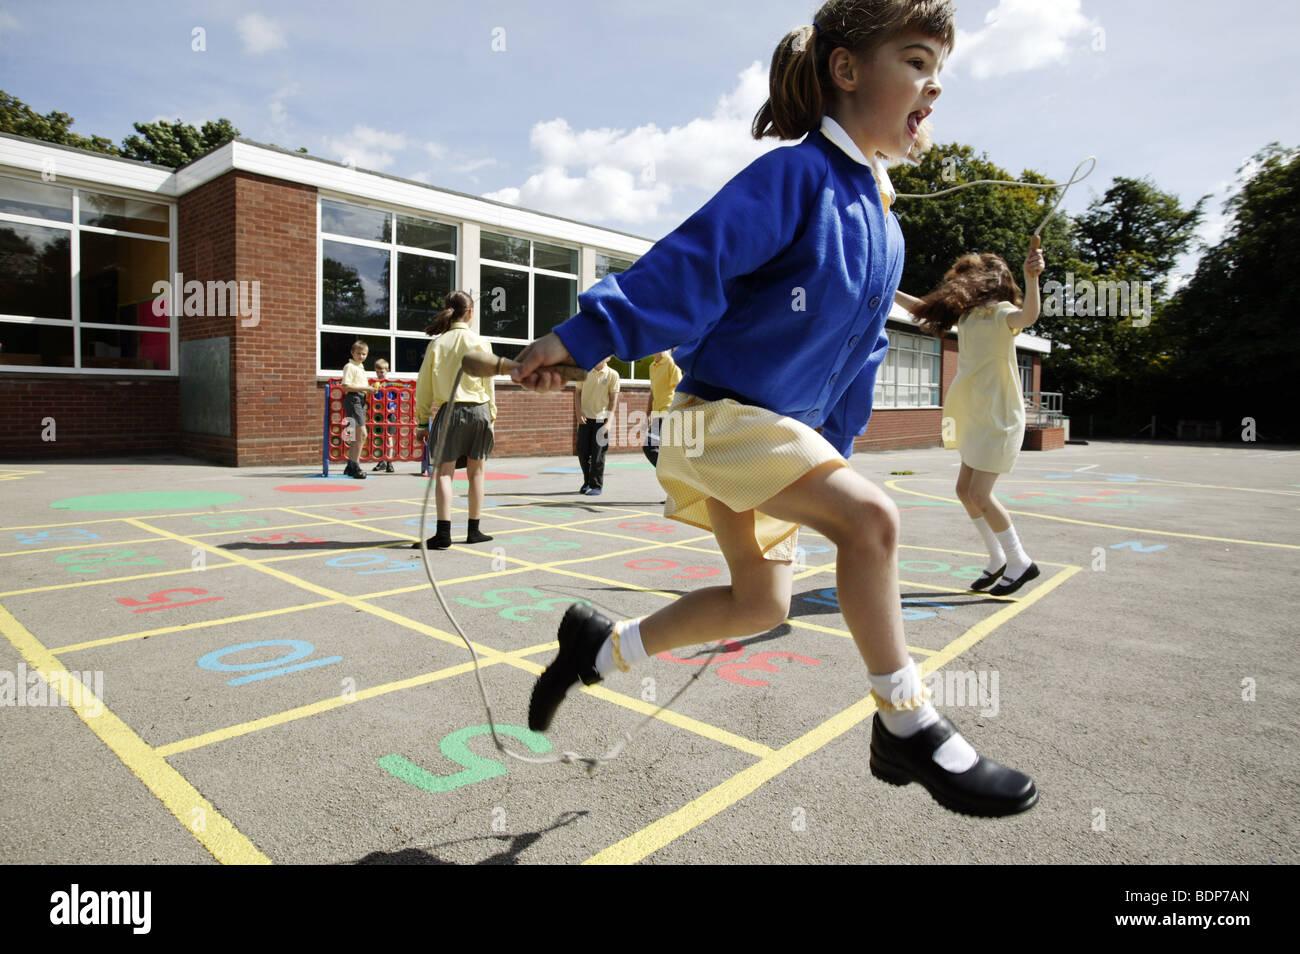 Studentesse saltando in una scuola primaria parco giochi nel Regno Unito. Foto Stock